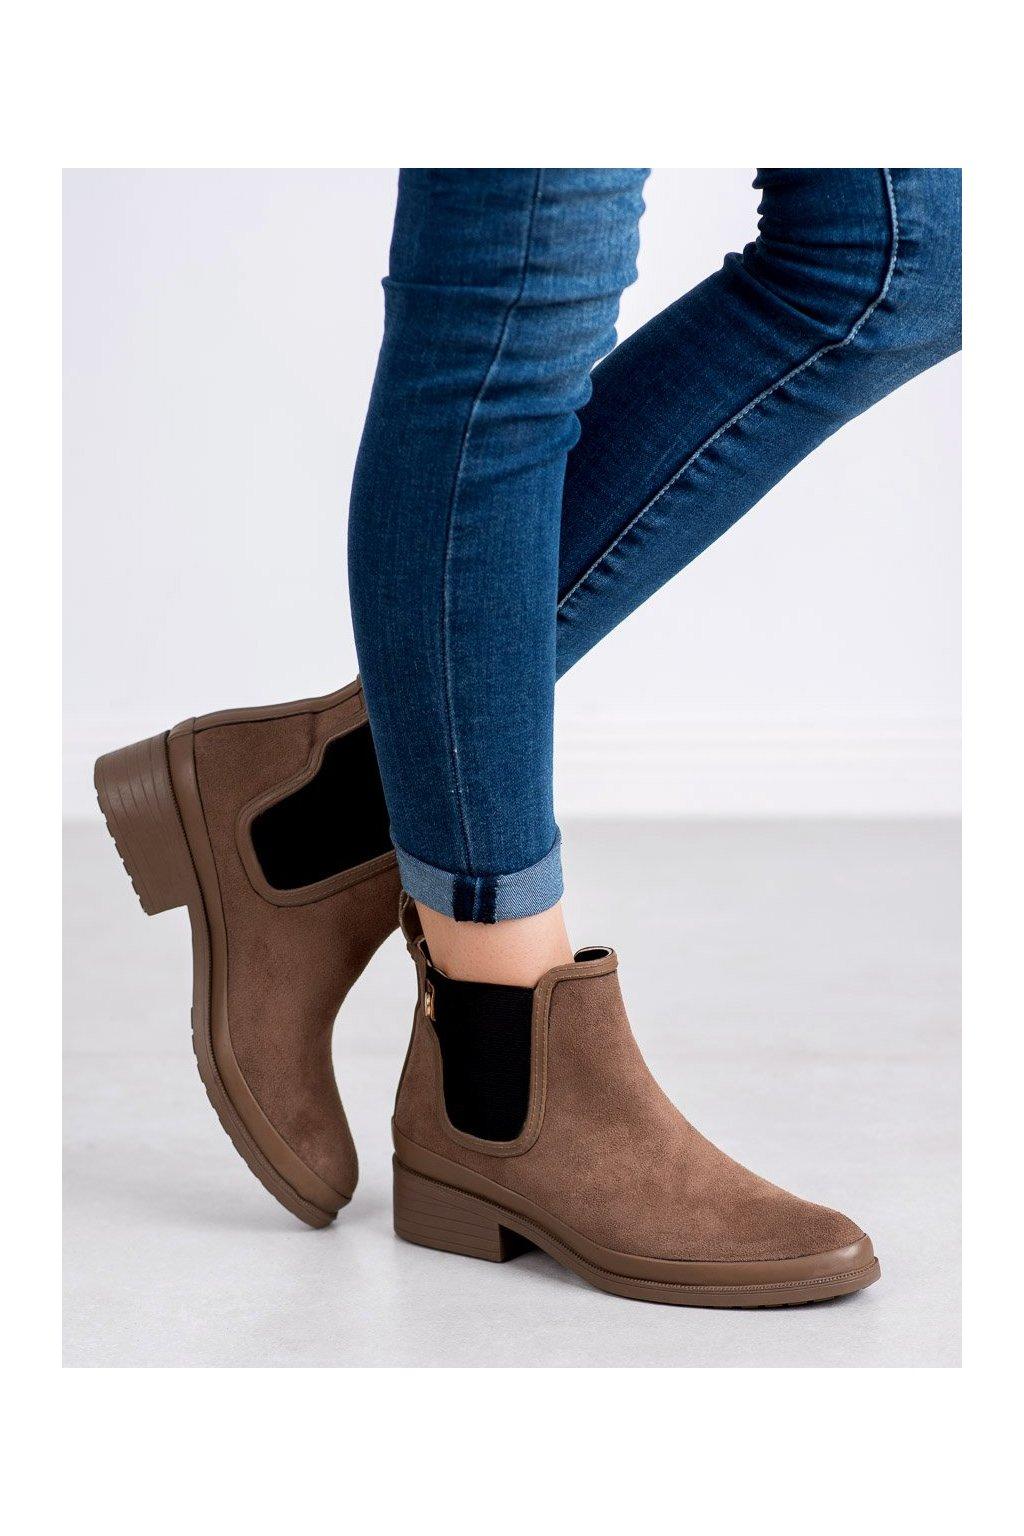 Hnedé dámske topánky Kylie kod K1871201TA